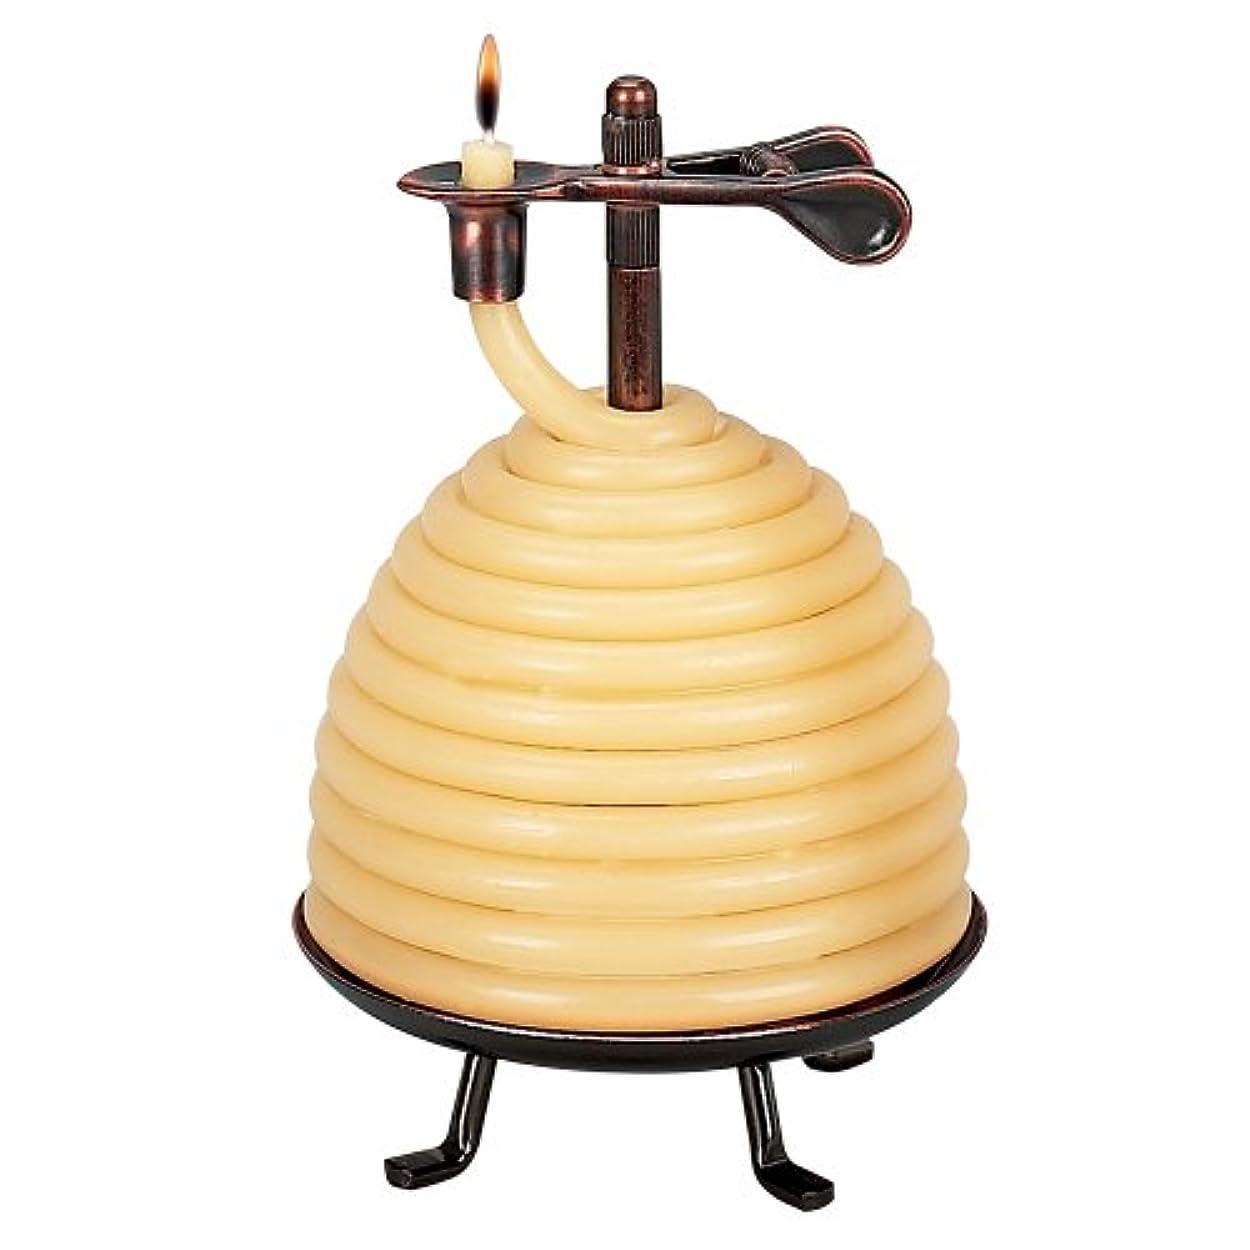 世紀殺しますフルーツ野菜Candle by the Hour 50-hour Beehive Candle、環境にやさしい天然ビーズワックスwithコットンWick Beehive Candle イエロー 20640B